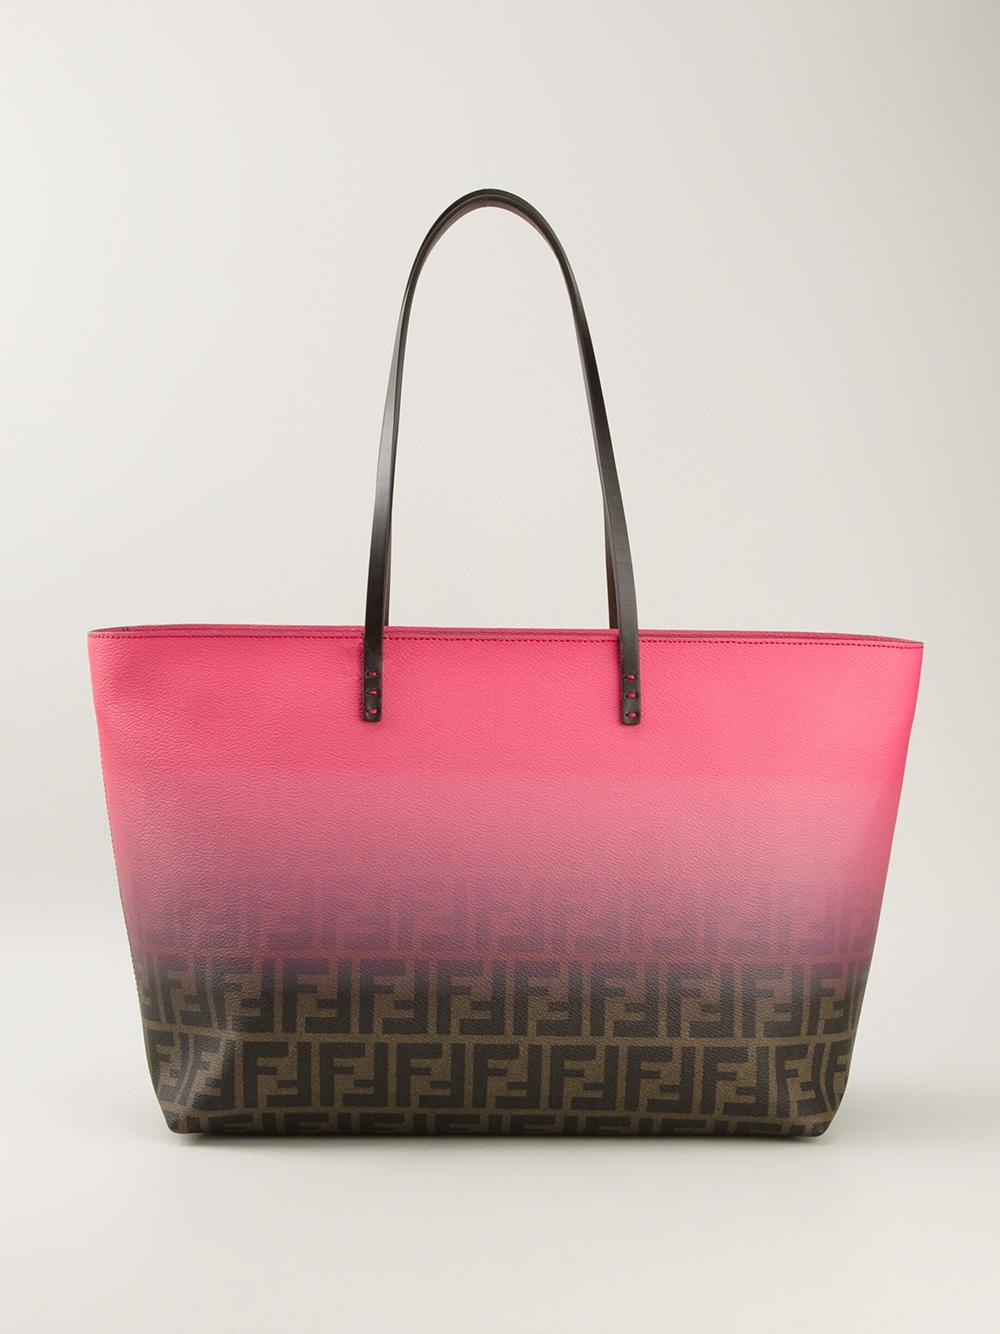 Lyst - Fendi Zucca Shopper Tote in Pink